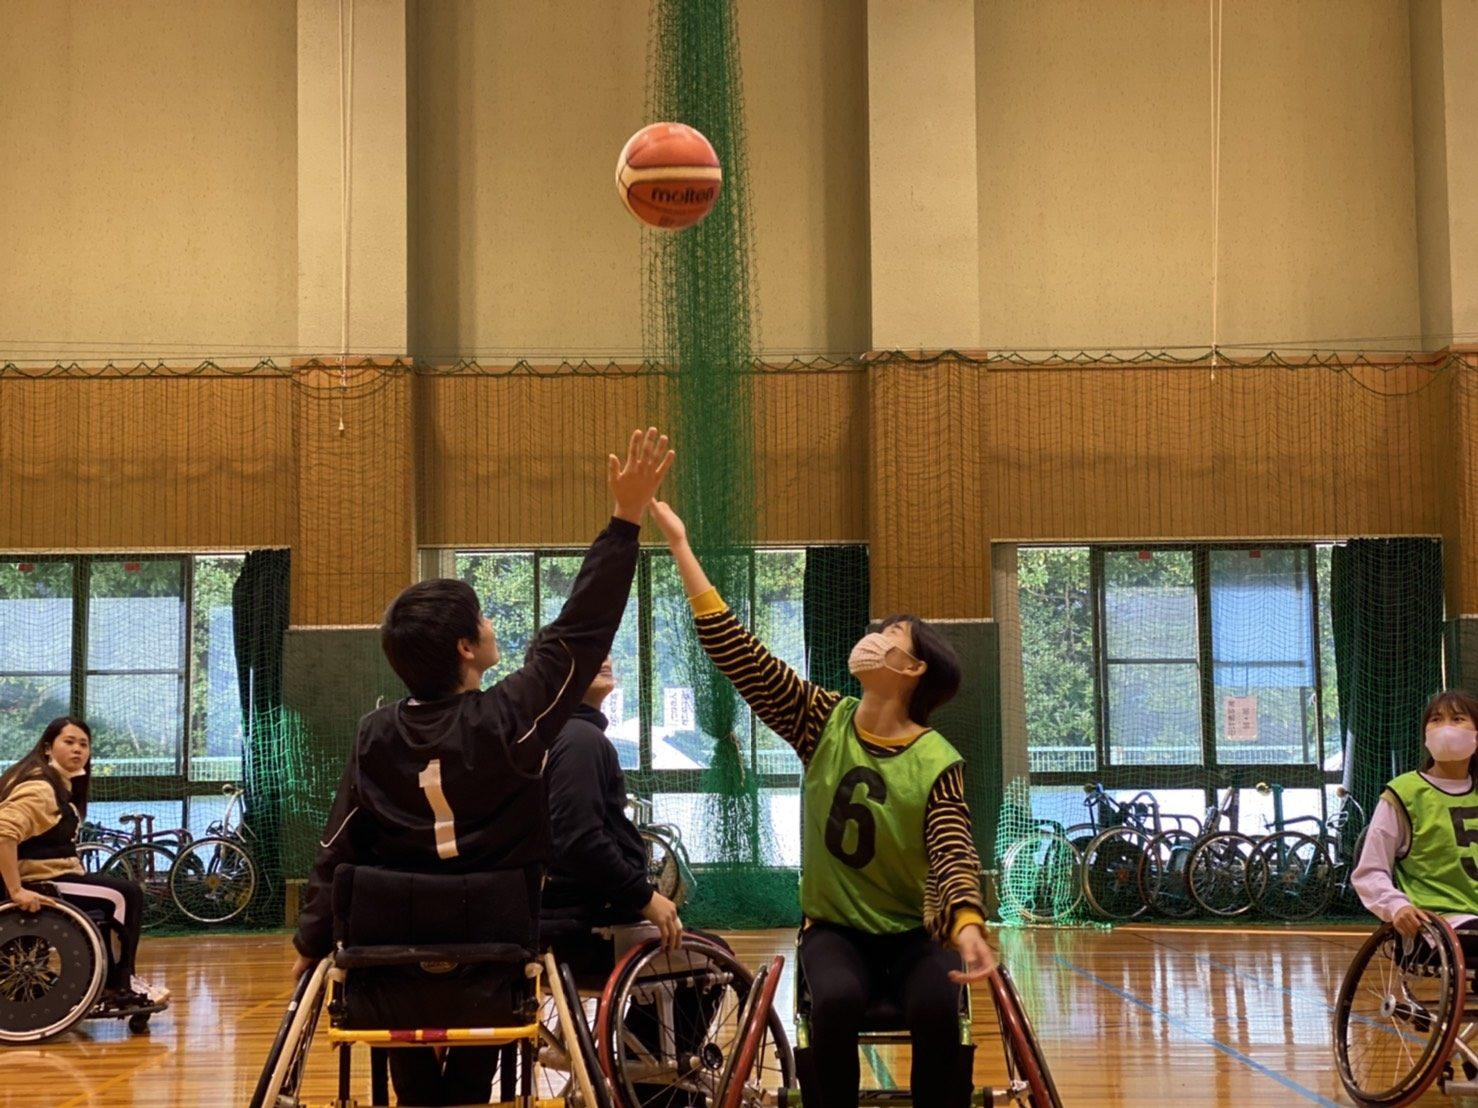 車いすバスケットボールを体験🏀メイン画像